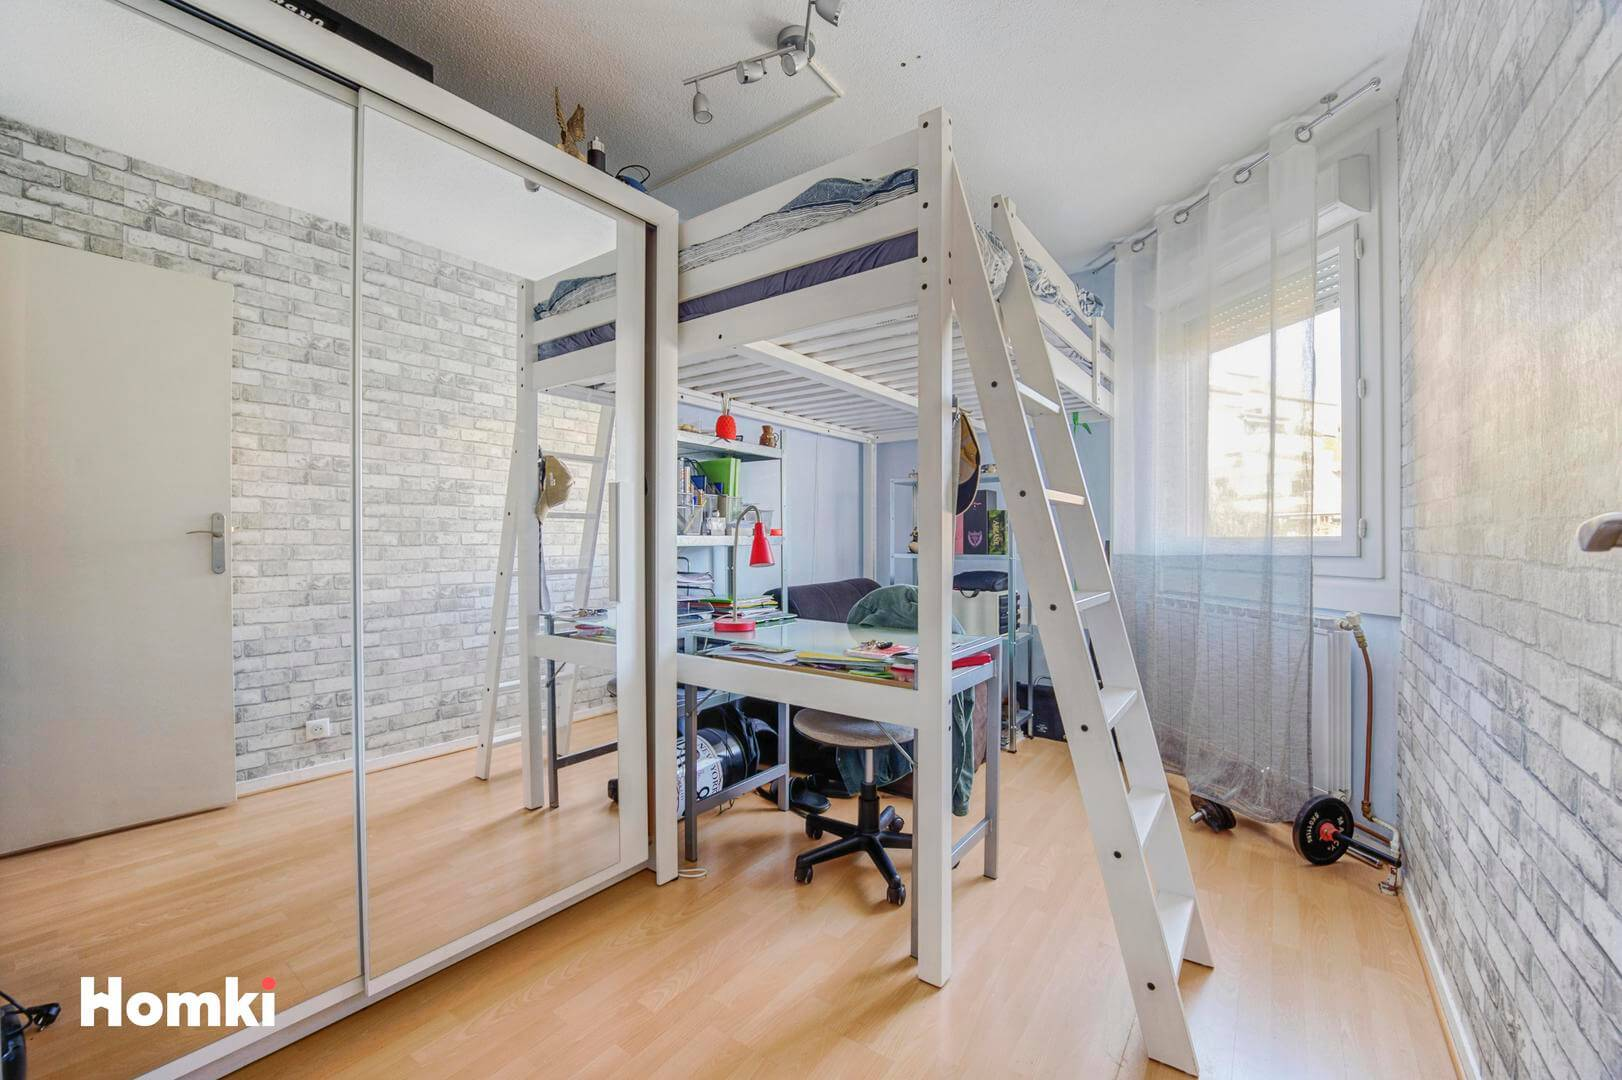 Homki - Vente Appartement  de 89.0 m² à Valbonne 06560